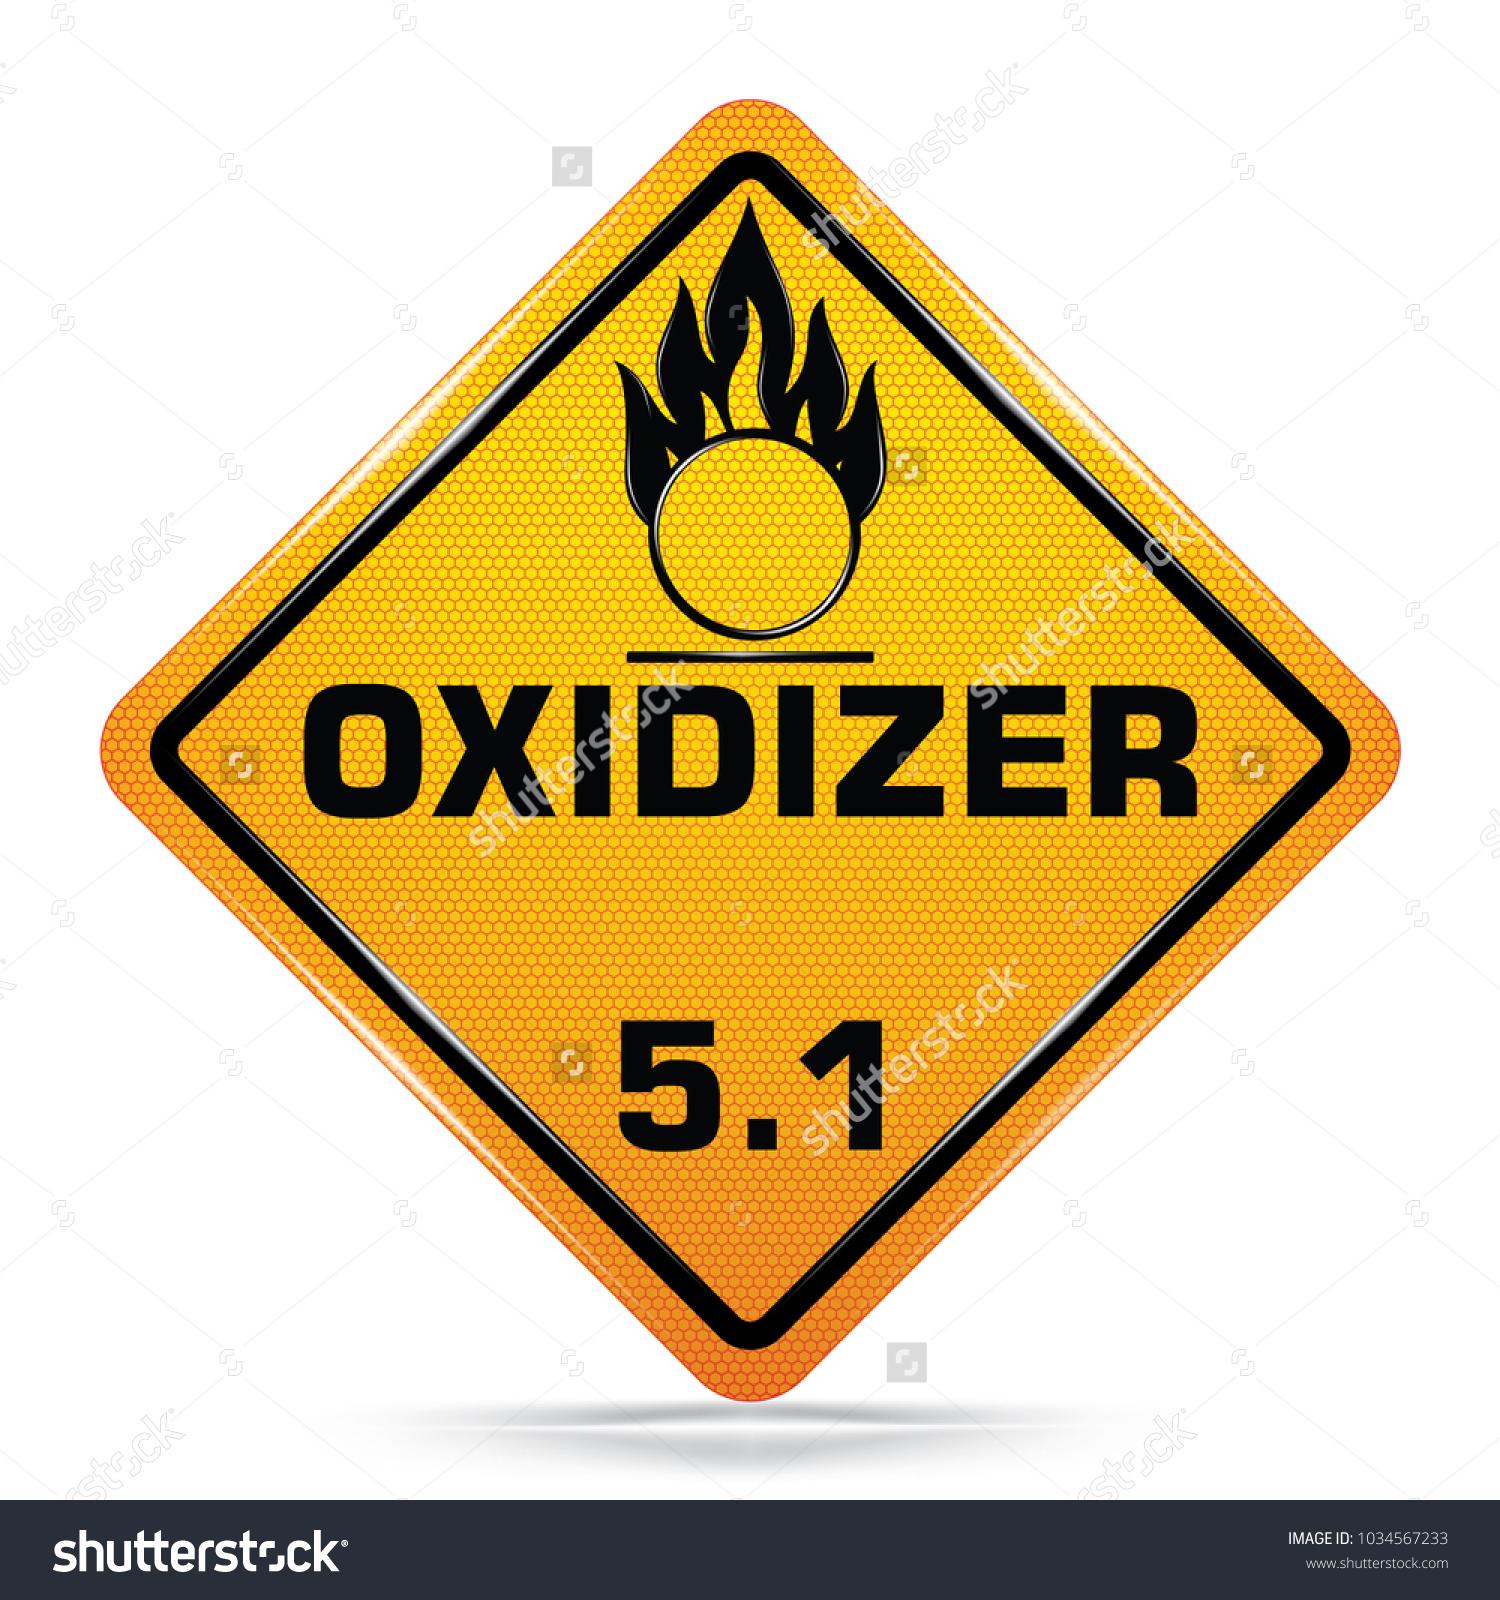 Organic peroxide symbol images symbol and sign ideas international oxidizer 51 sign symbol isolated stock vector international oxidizer 51 sign symbol isolated on white buycottarizona